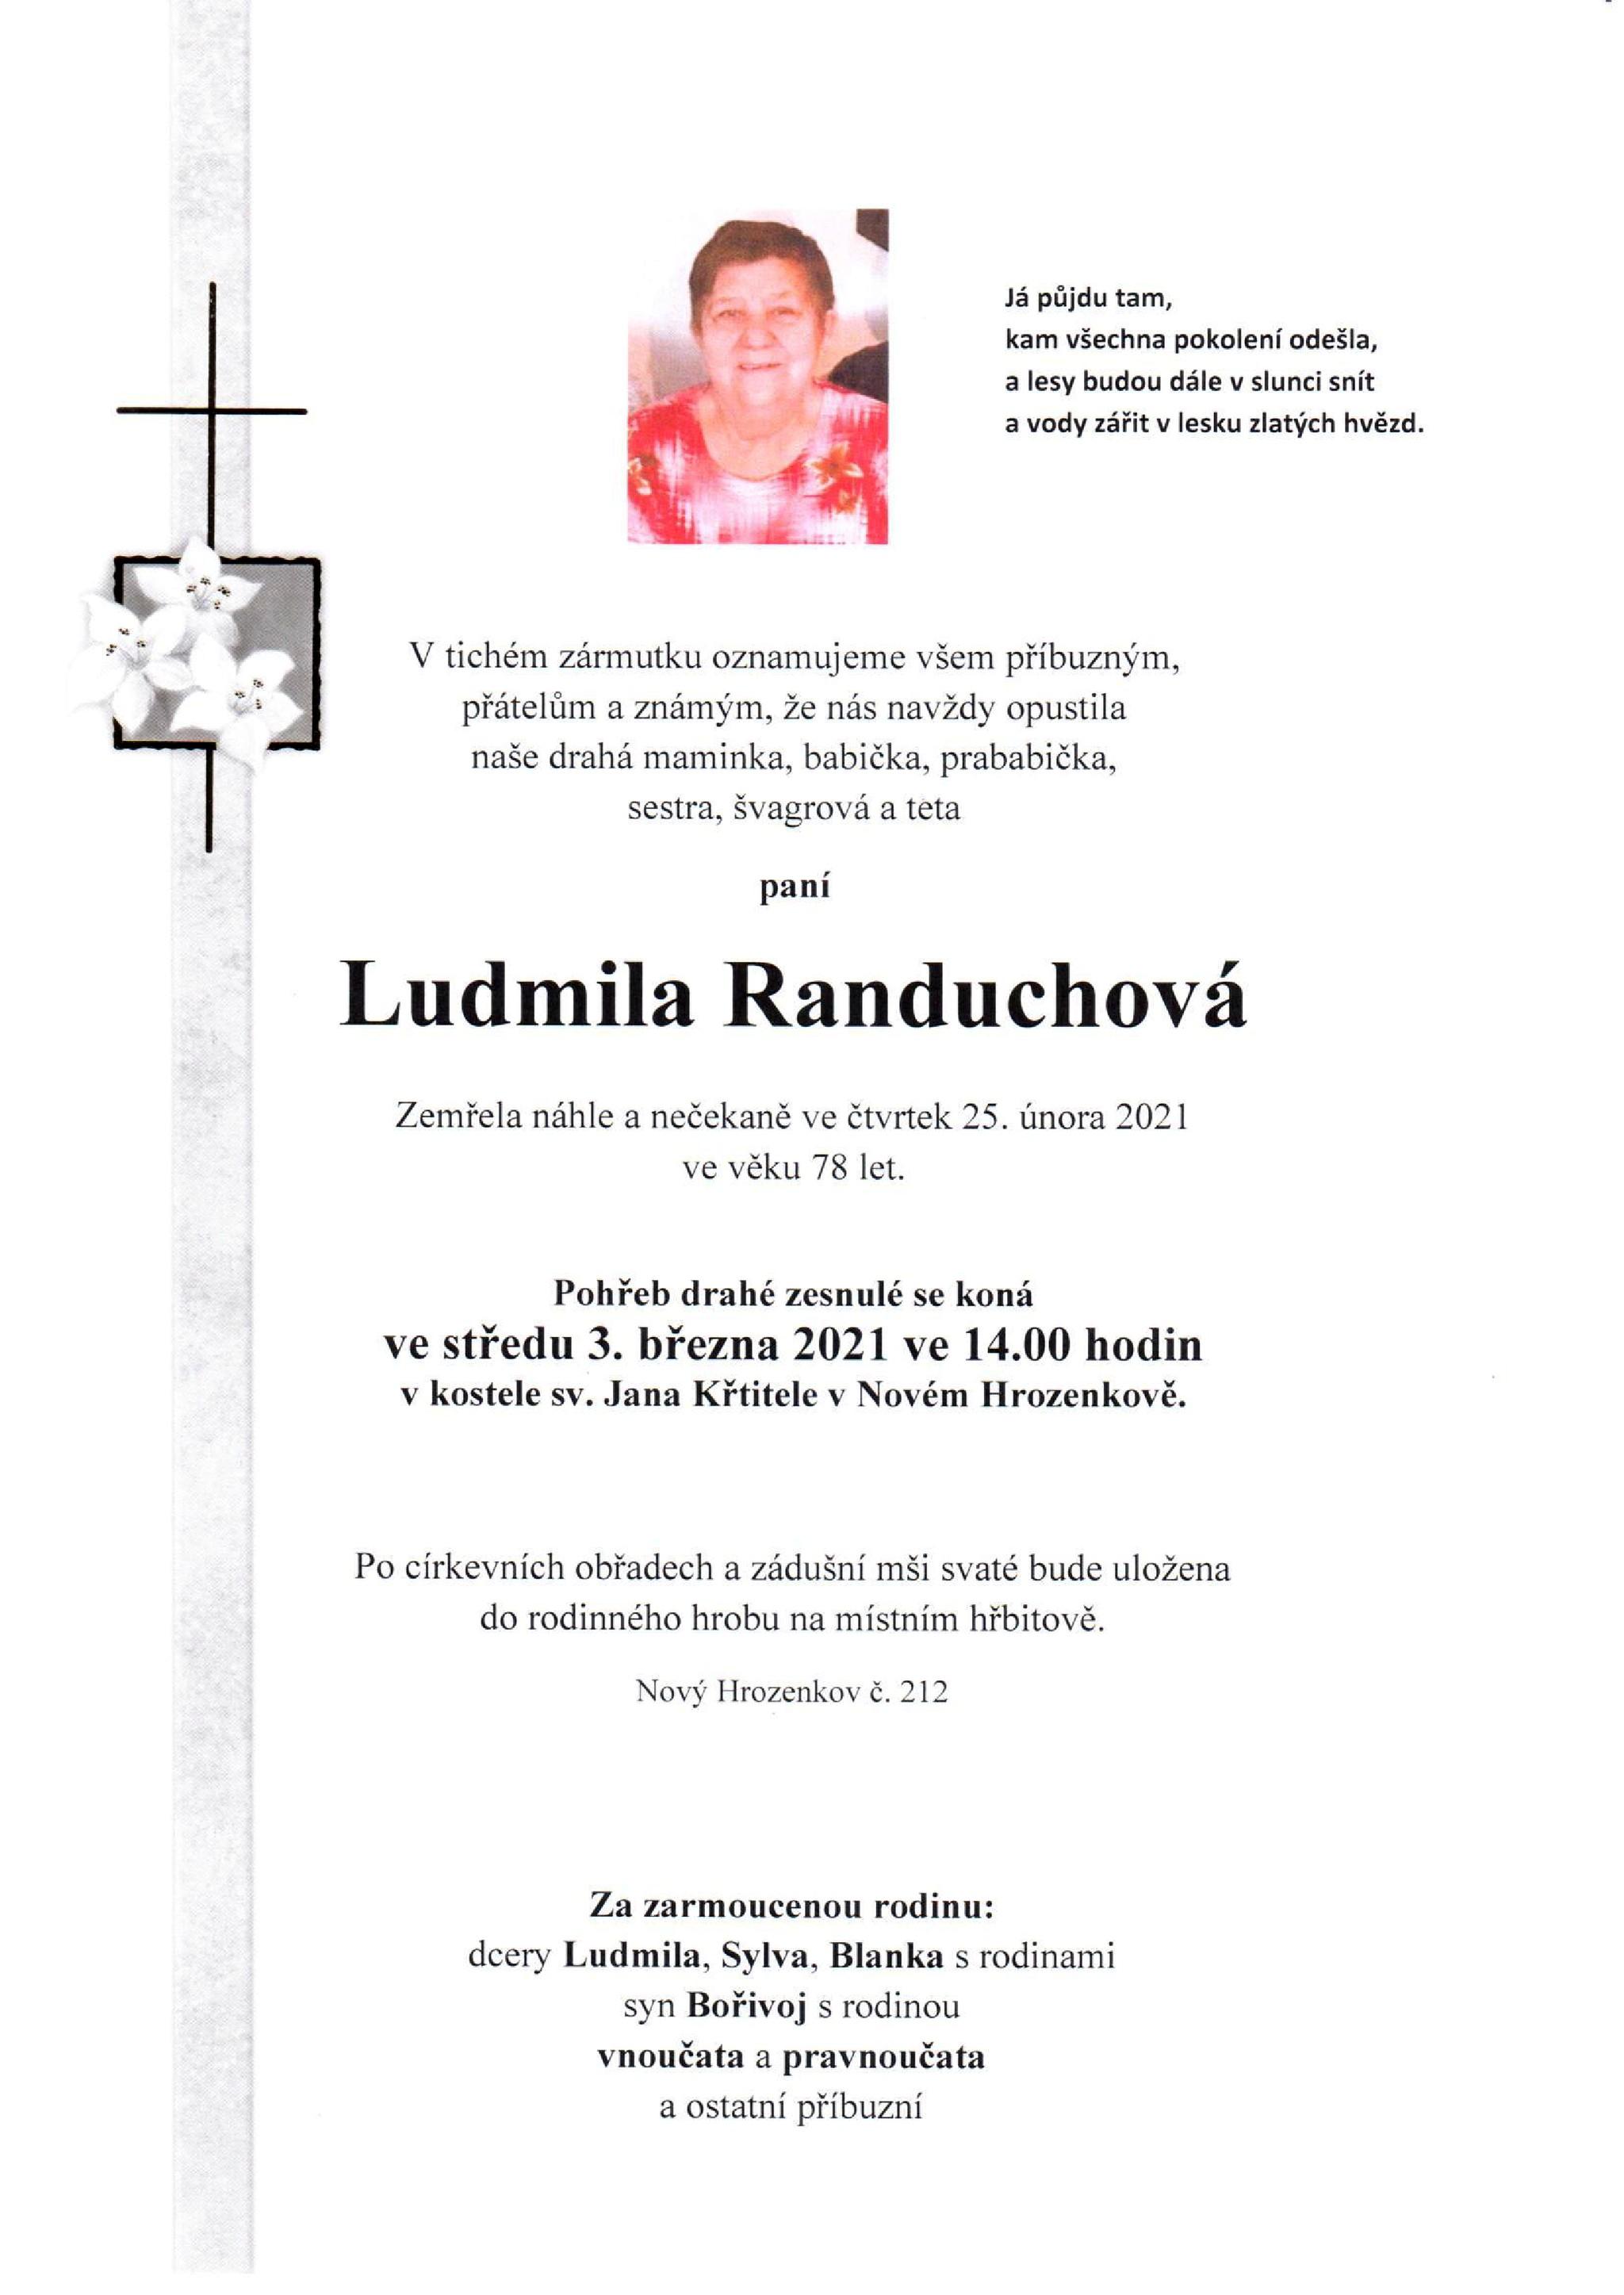 Ludmila Randuchová